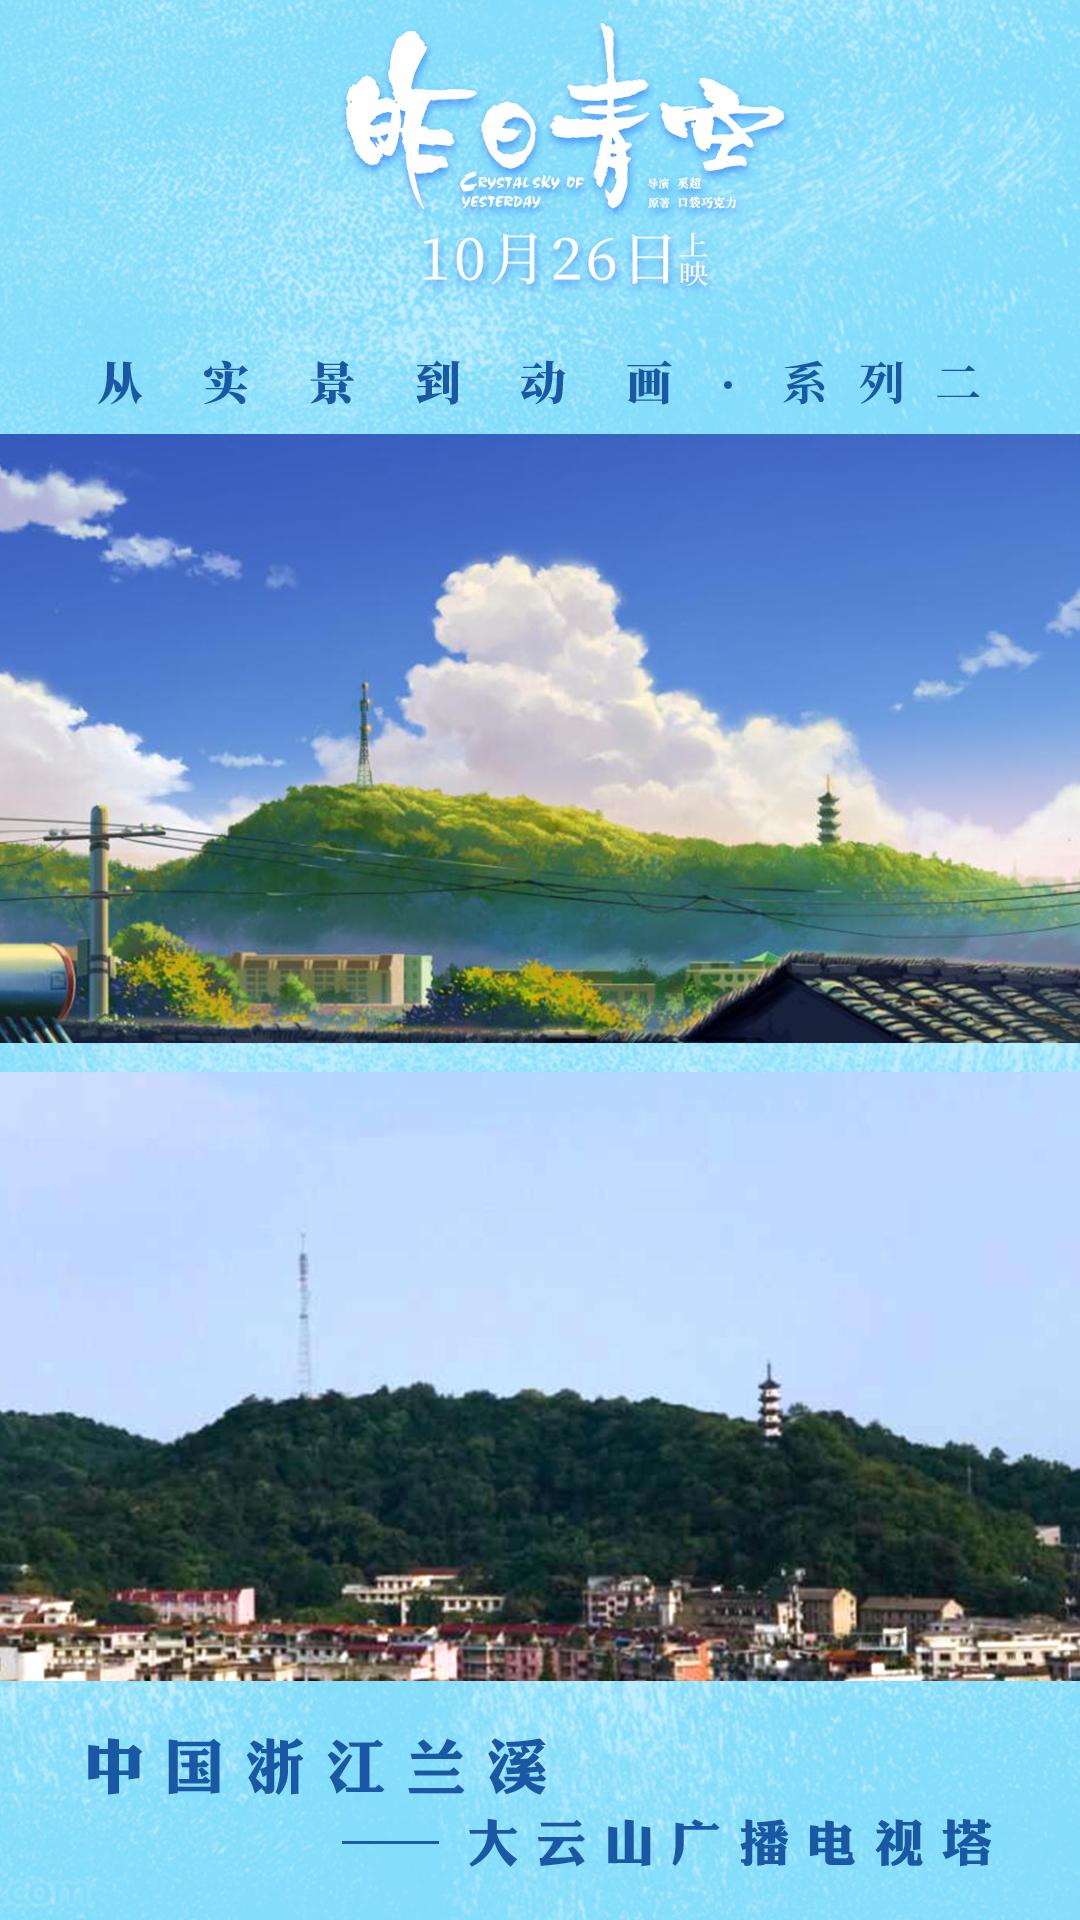 《昨日青空》发实景动画对比特辑 全国产还原最美中